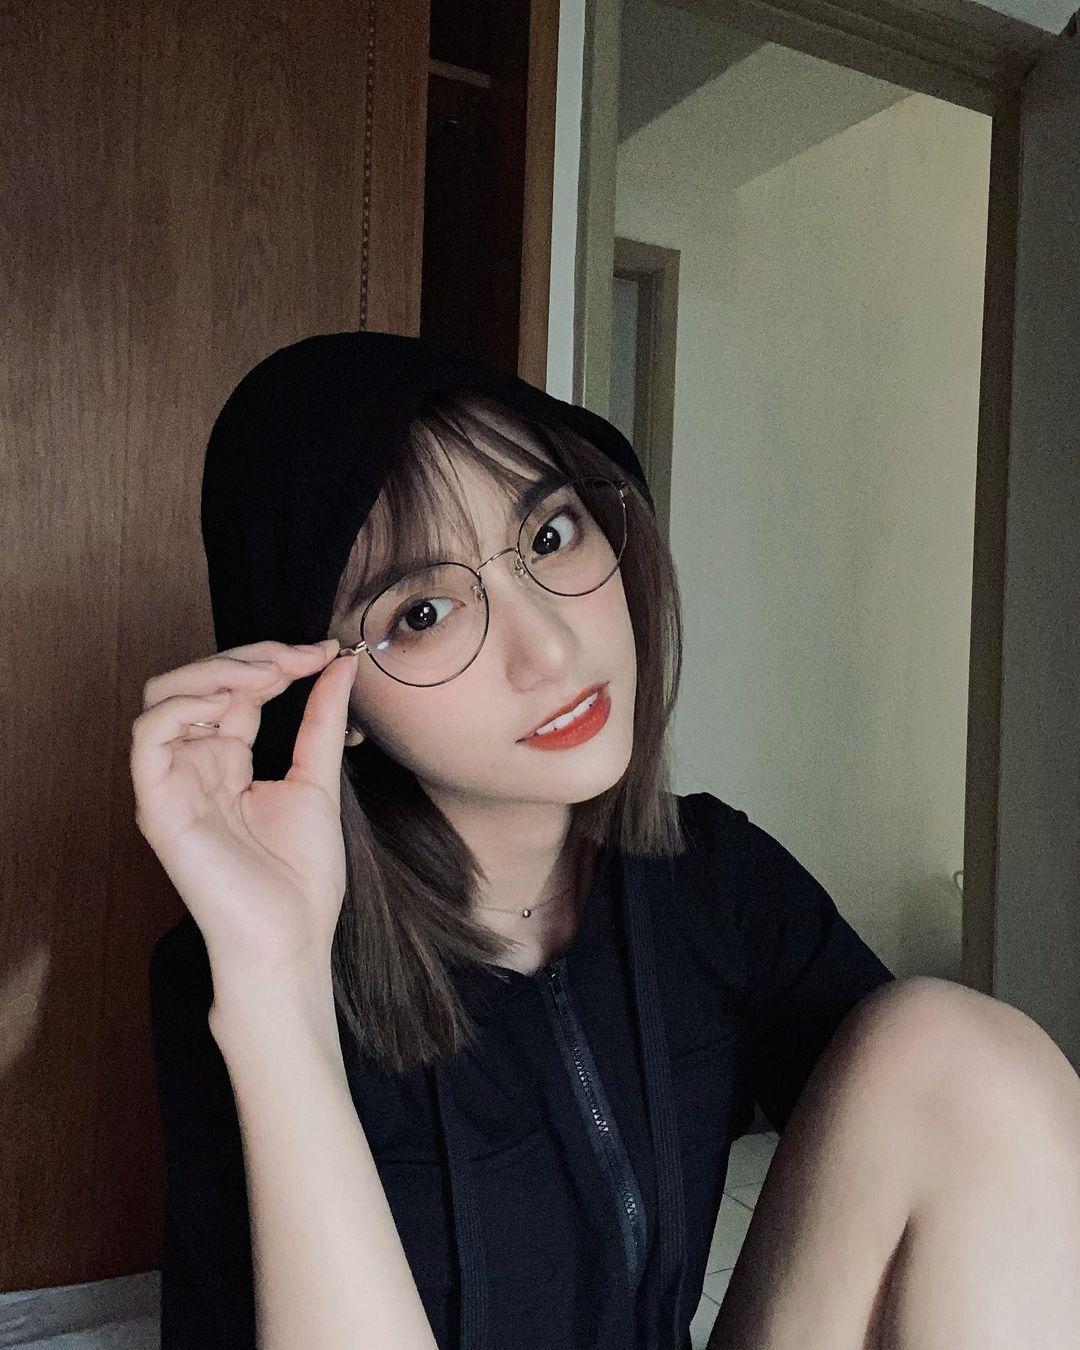 高雄小港高中18岁清纯学生妹,短发俏丽笑容甜美,个人IG好几万人追踪 养眼图片 第2张